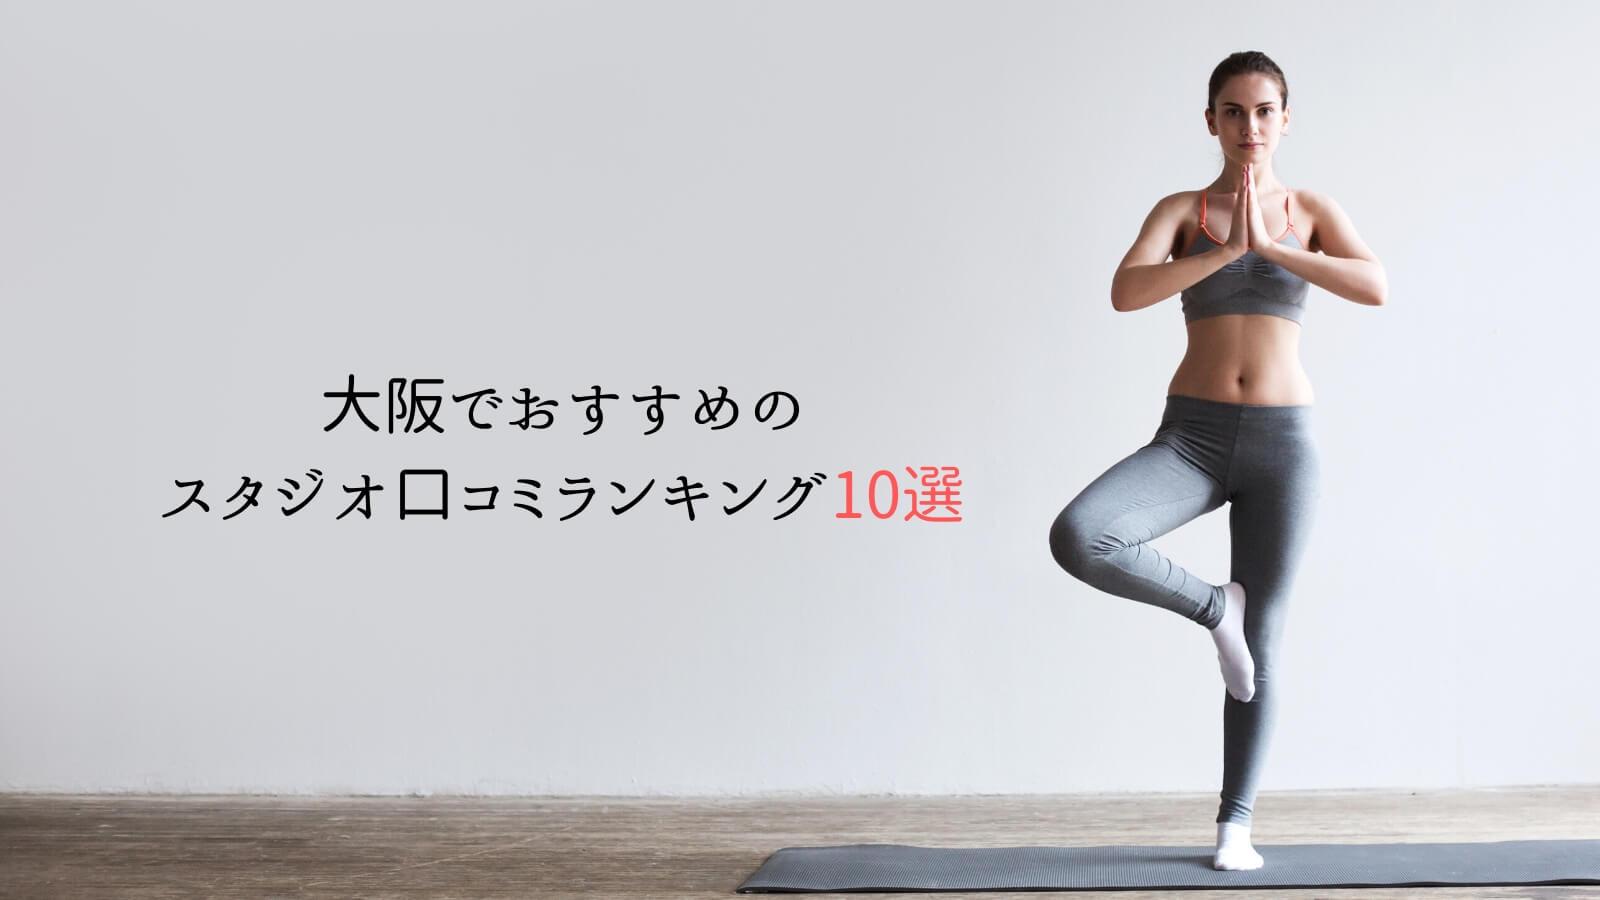 大阪でおすすめのマタニティヨガスタジオ口コミランキング10選